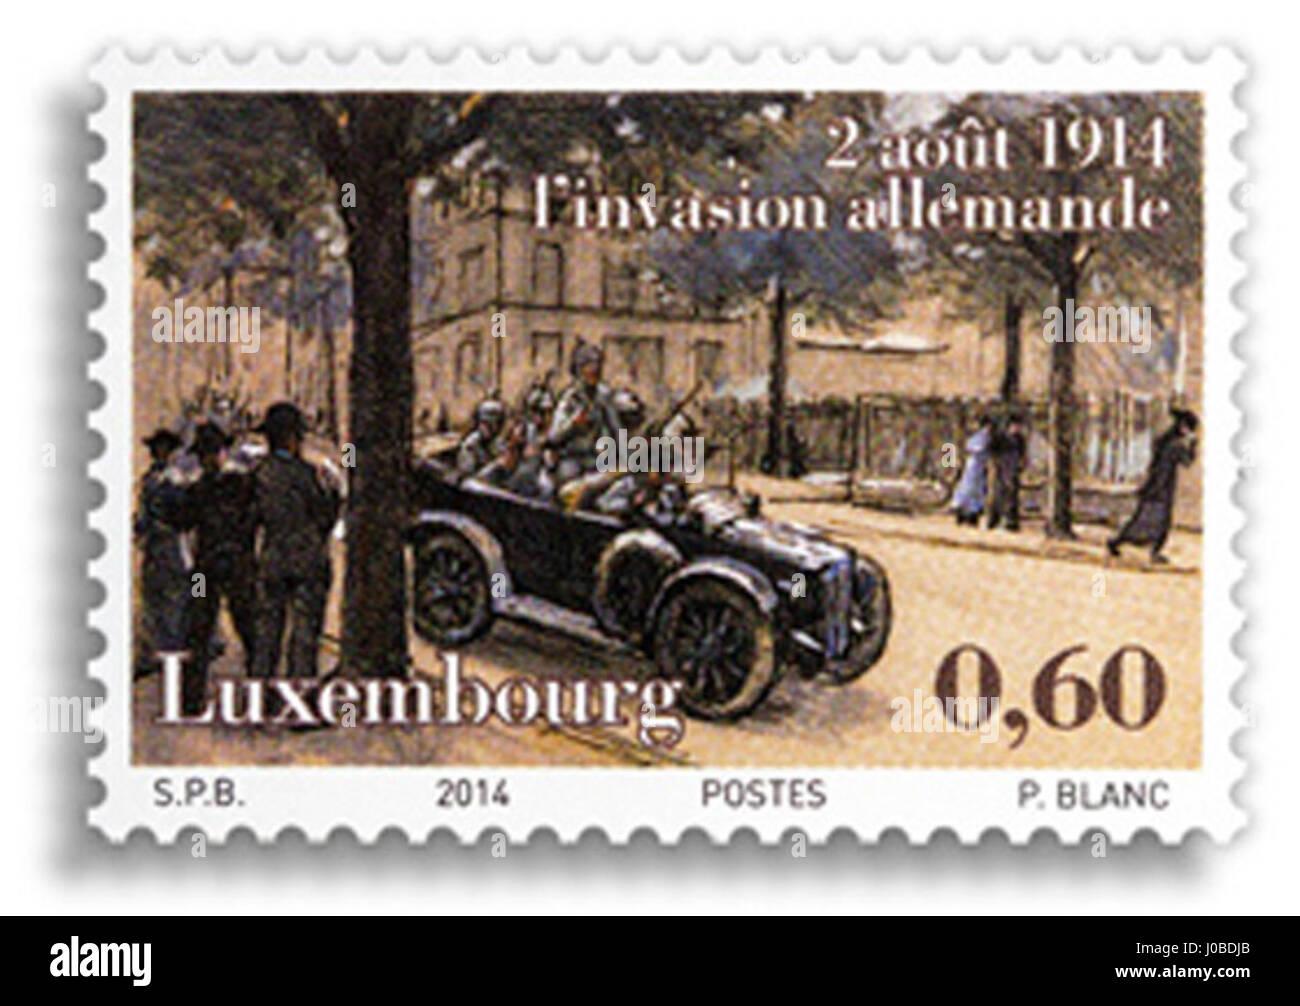 Pierre Blanc, timbre 100 ans de la Première Guerre Mondiale - Stock Image